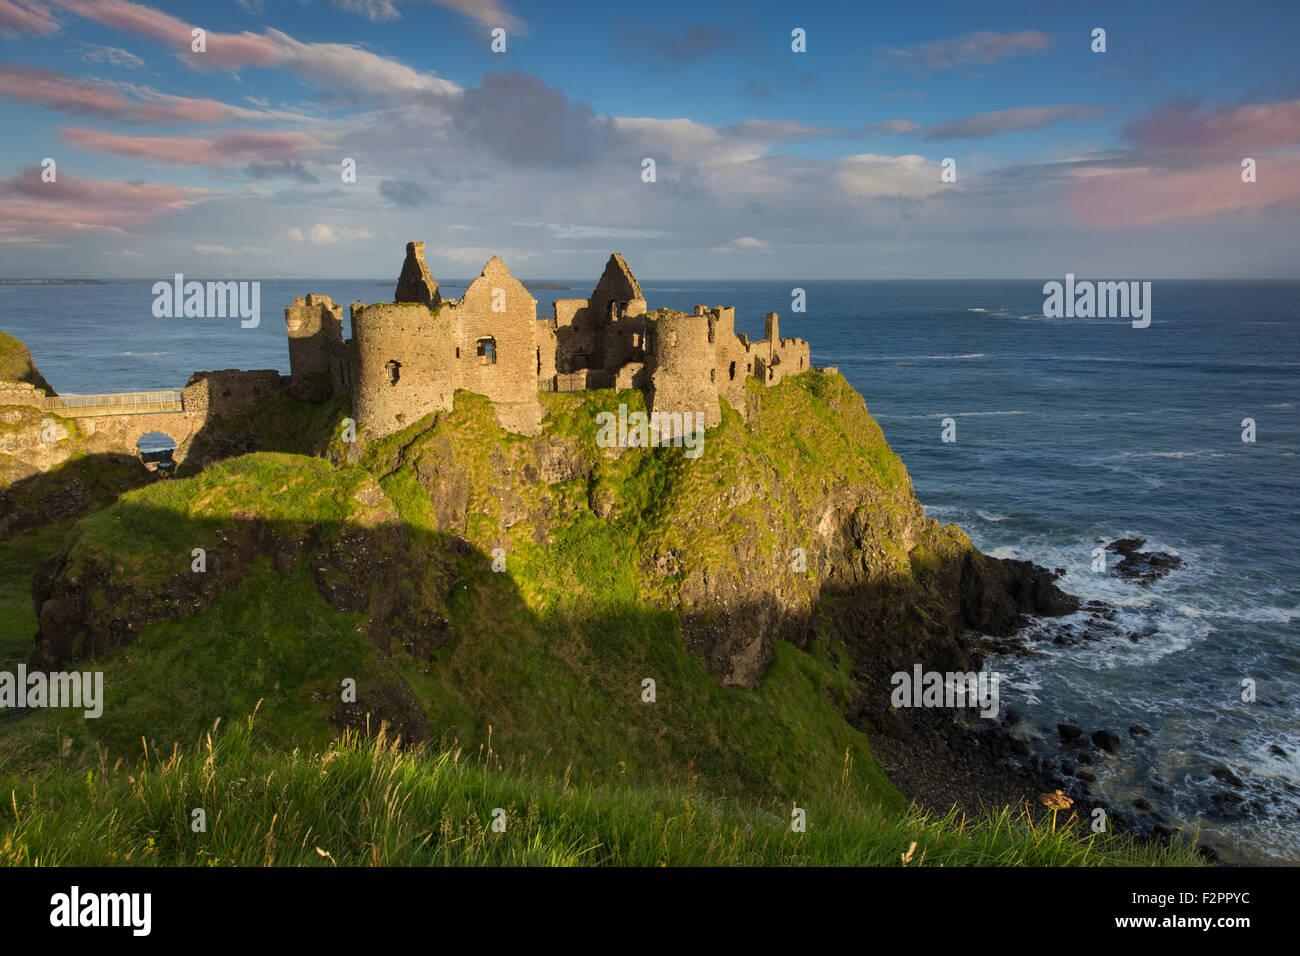 Sunrise over Dunluce Castle along northern coast of County Antrim, Northern Ireland, UK - Stock Image